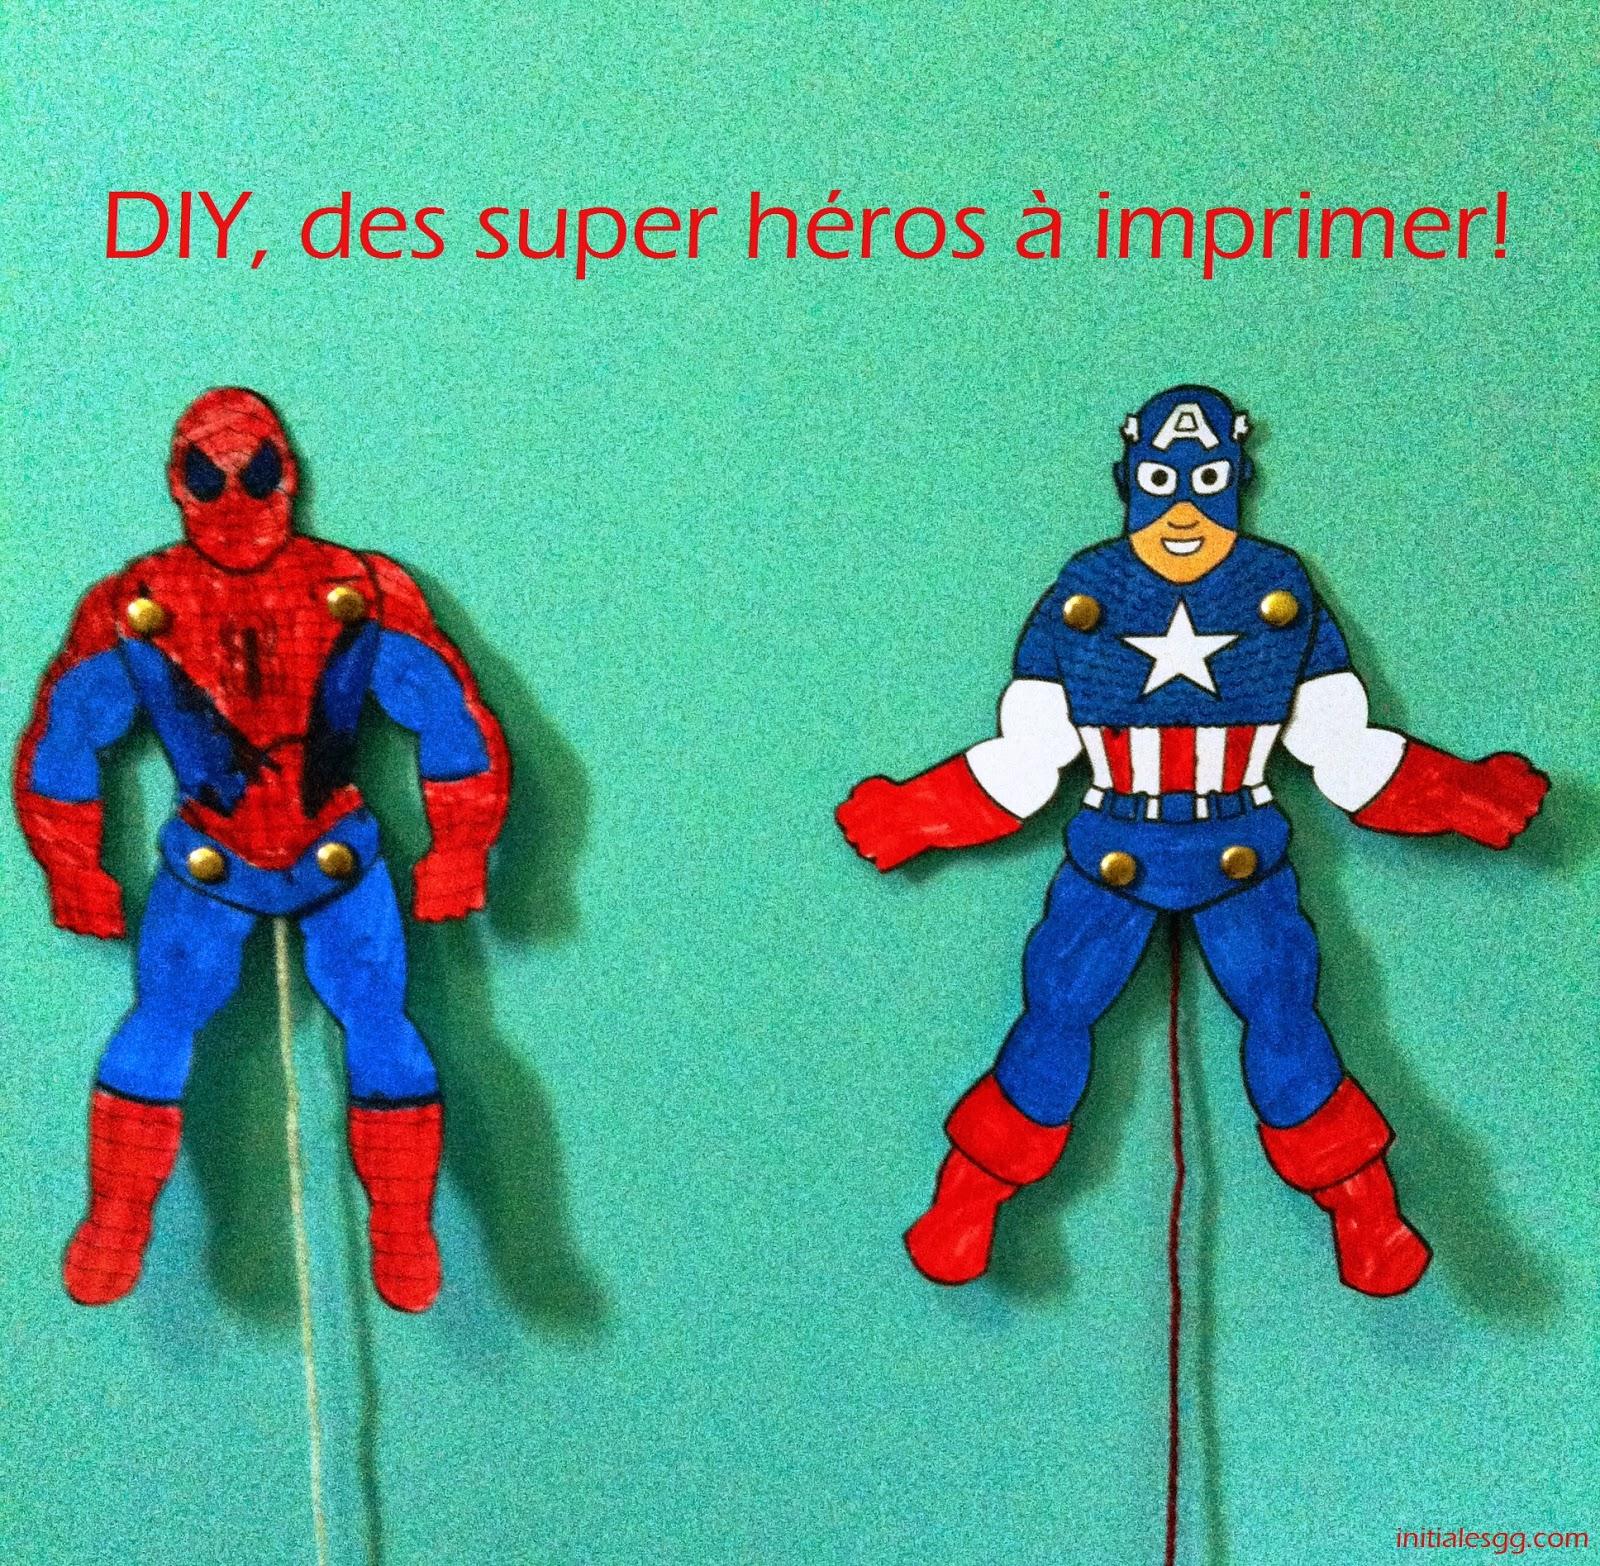 Diy des super h ros imprimer et colorier initiales gg - Jeu spiderman gratuit facile ...